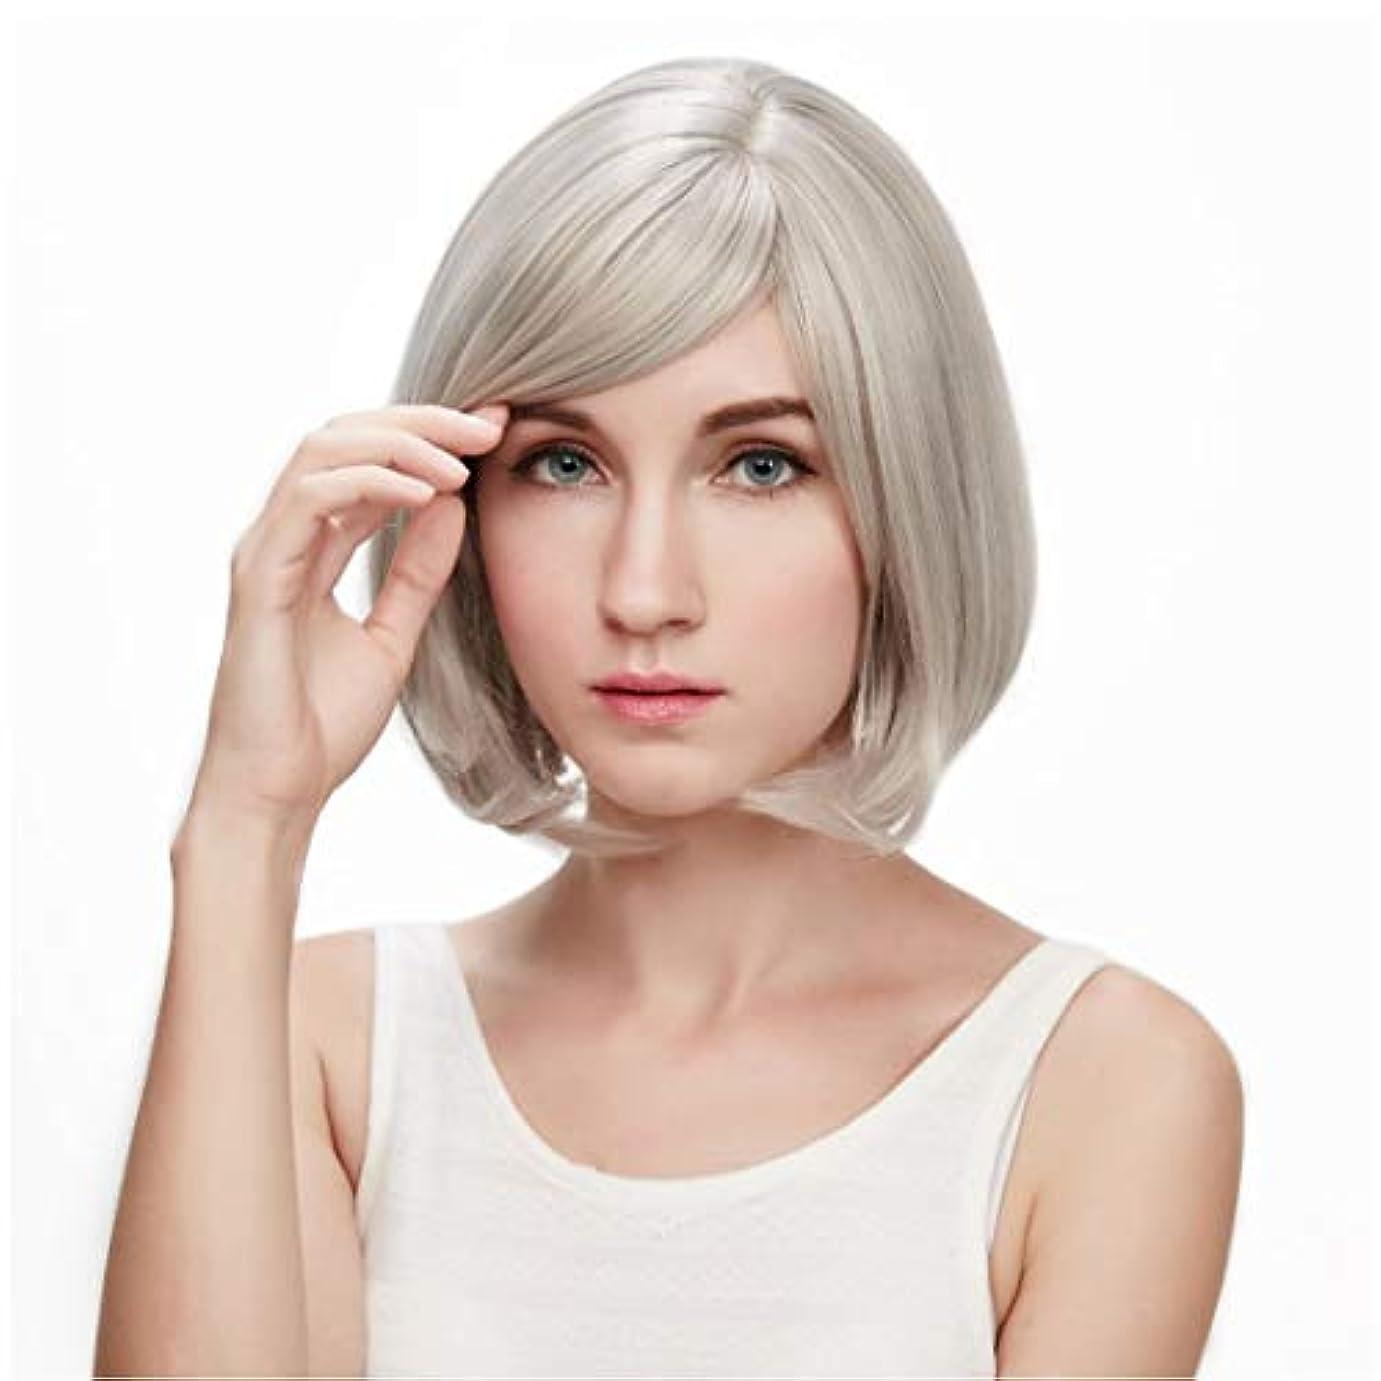 マッシュスピリチュアルオレンジSummerys 本物の髪として自然な女性のための平らな前髪の合成かつらとストレートショートボブの髪かつら